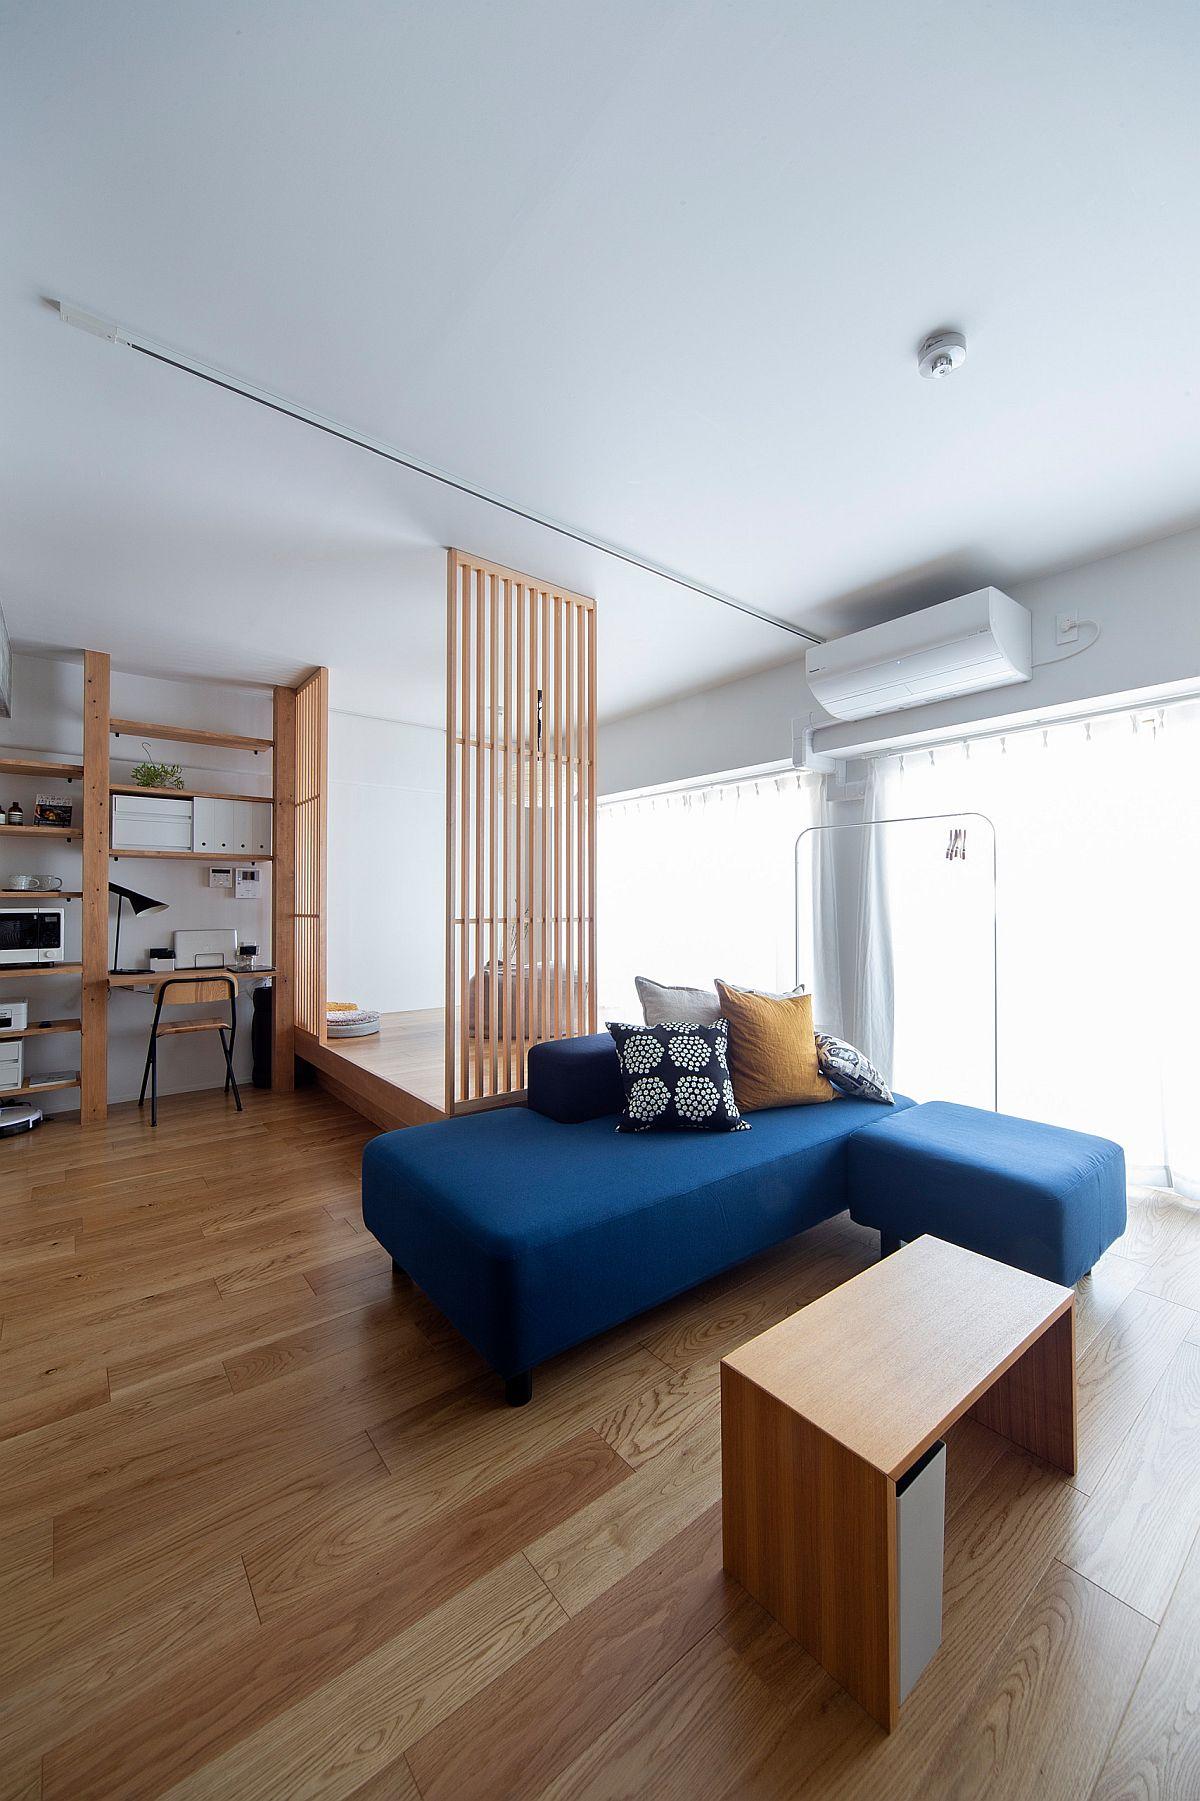 Phòng khách nhỏ xíu vẫn đẹp hoàn hảo nhờ kinh nghiệm lựa chọn sofa phù hợp - Ảnh 7.